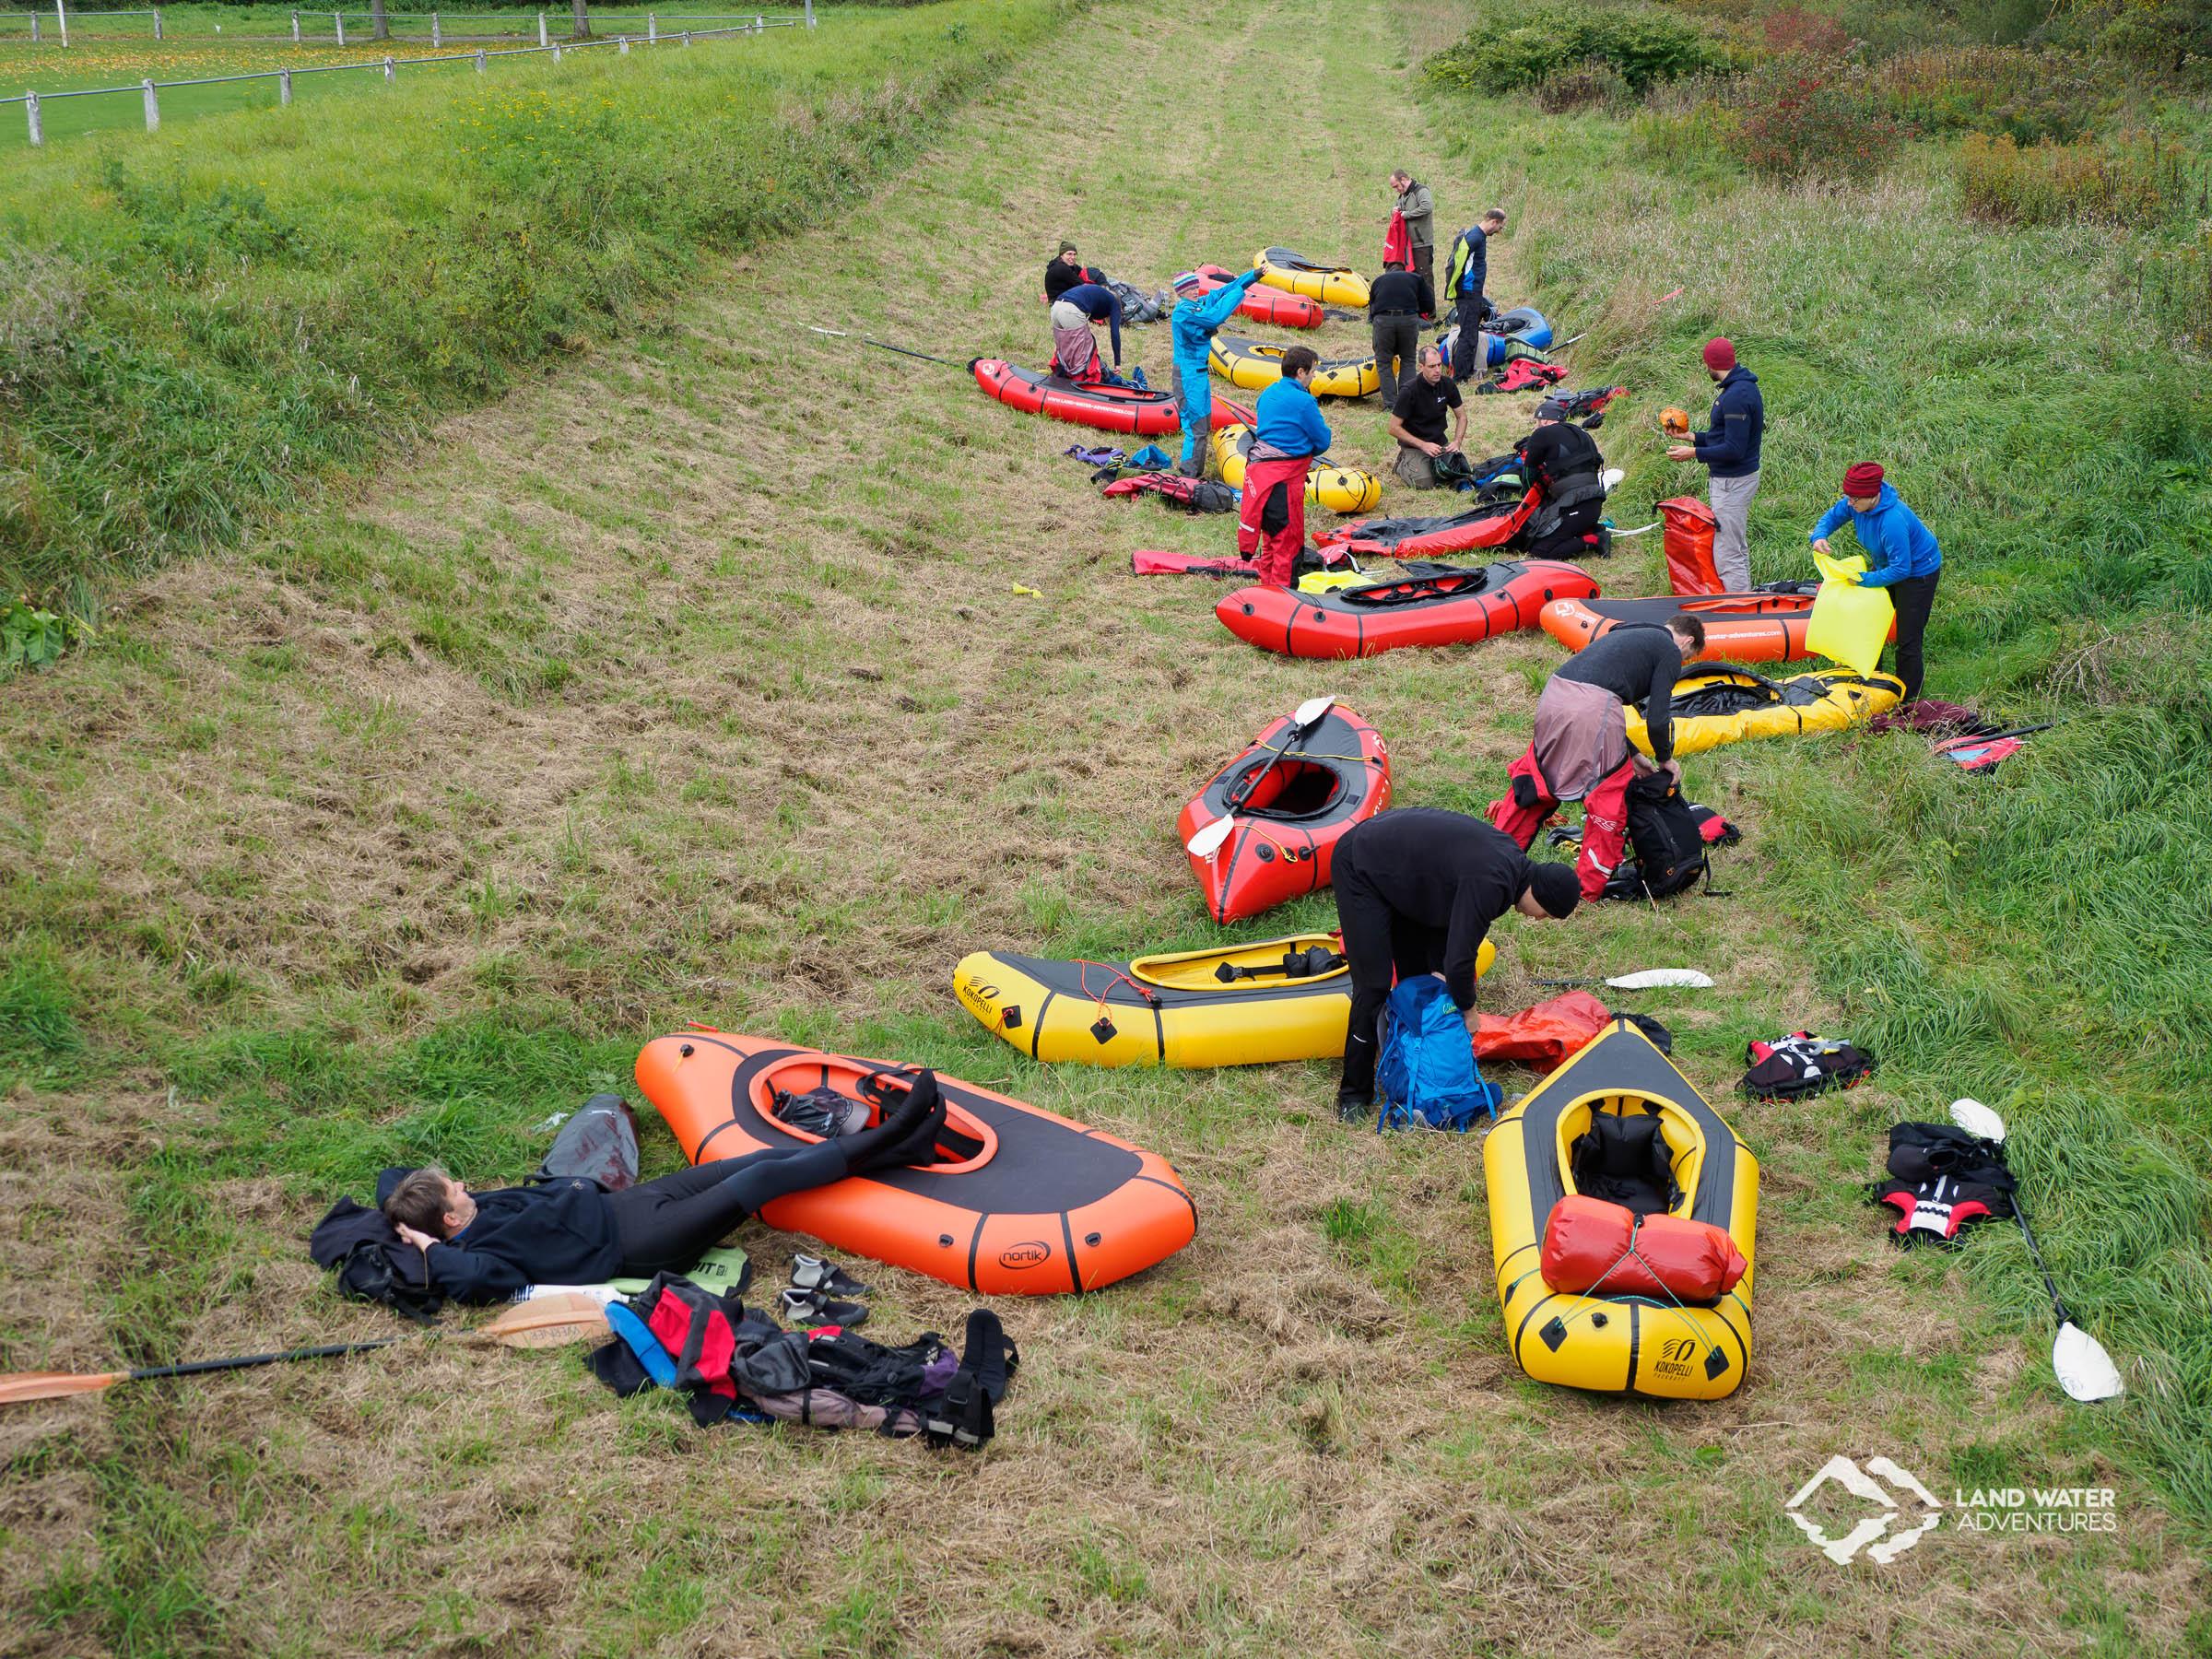 Aufgebaute Packrafts beim Saisonabschluss Nahe 2017 © Land Water Adventures